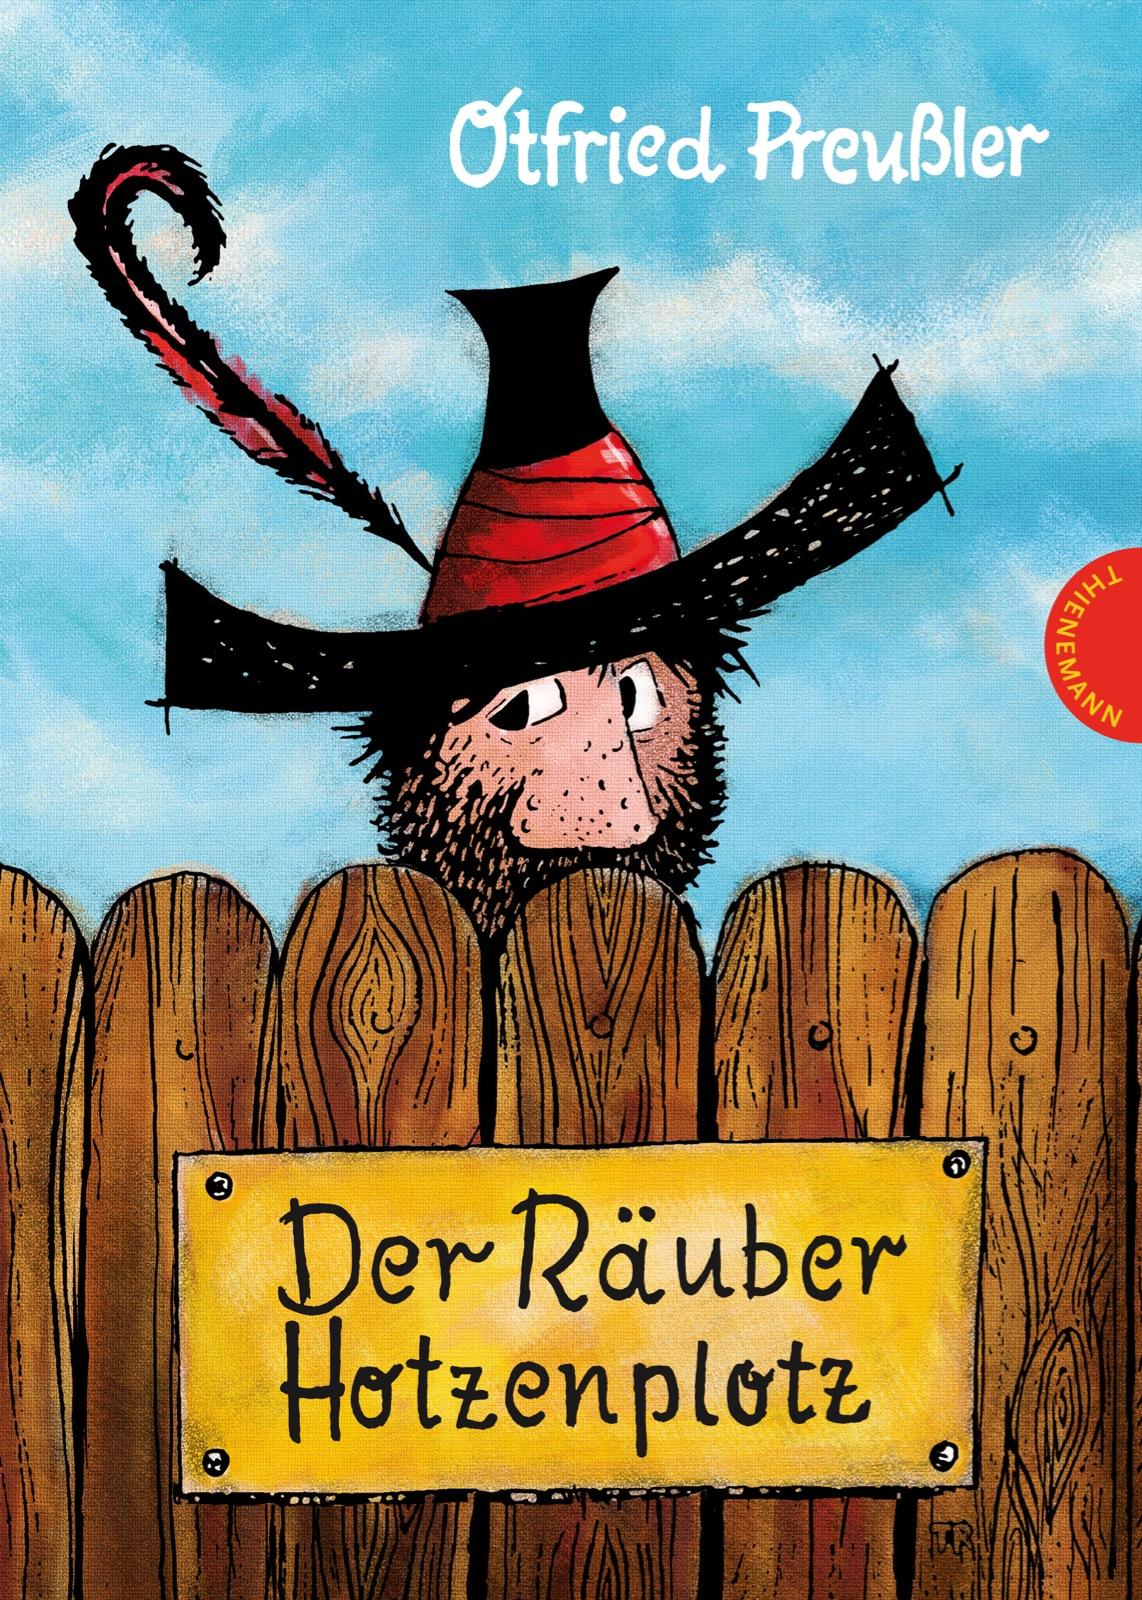 Der Räuber Hotzenplotz Bd. 1 (4-farbig koloriert) - Otfried Preußler